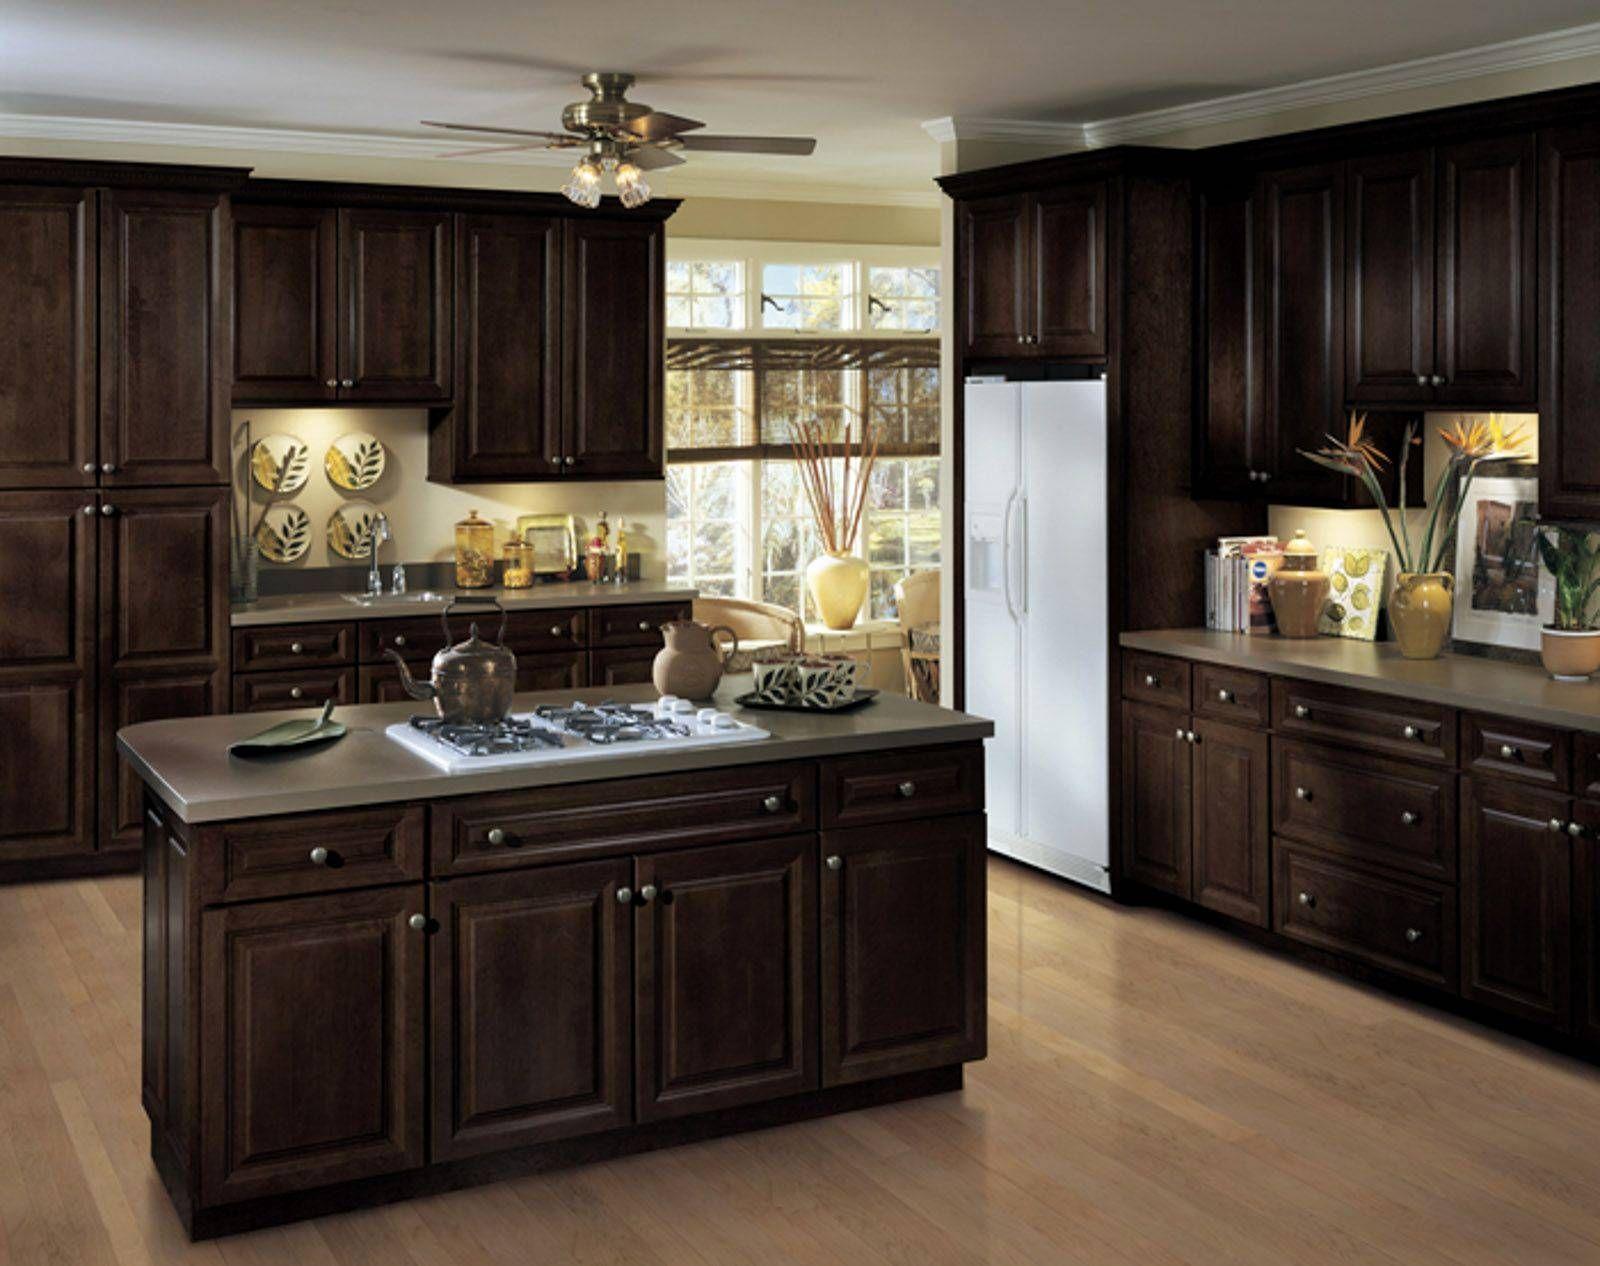 Kuche Kabinett Hardware Louisville Ky Eine Minimalistische Kuche Design Ohne Gehause Hardw Kitchen Dinning Room Used Kitchen Cabinets Brown Kitchen Cabinets